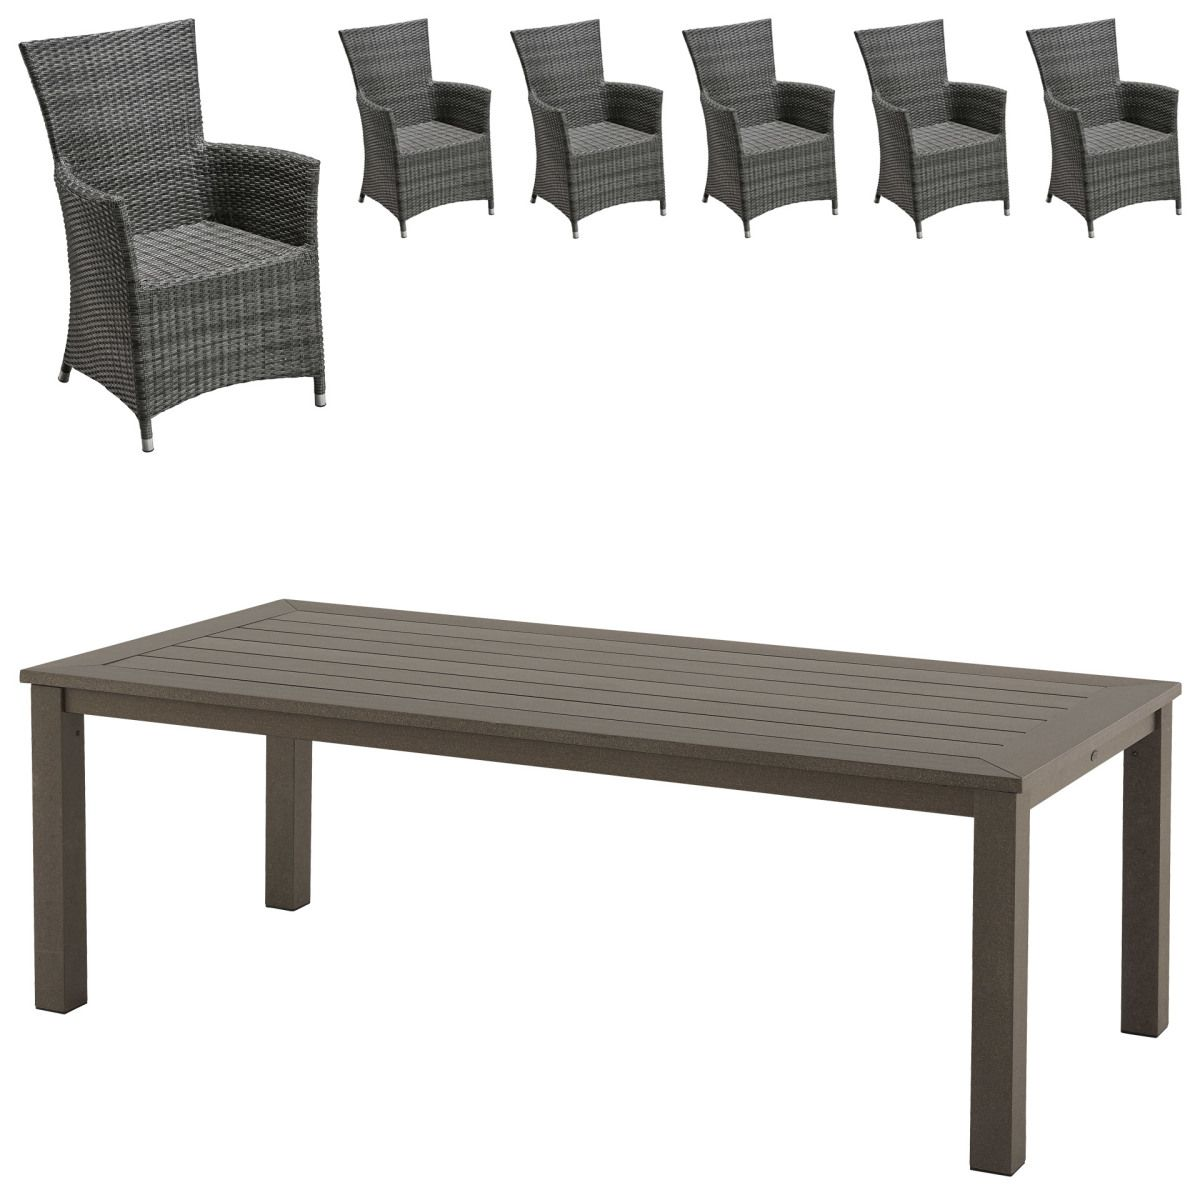 Gartenmöbel Set Alexis/Kansas (1 Tisch, 6 Komfortsessel) Jetzt